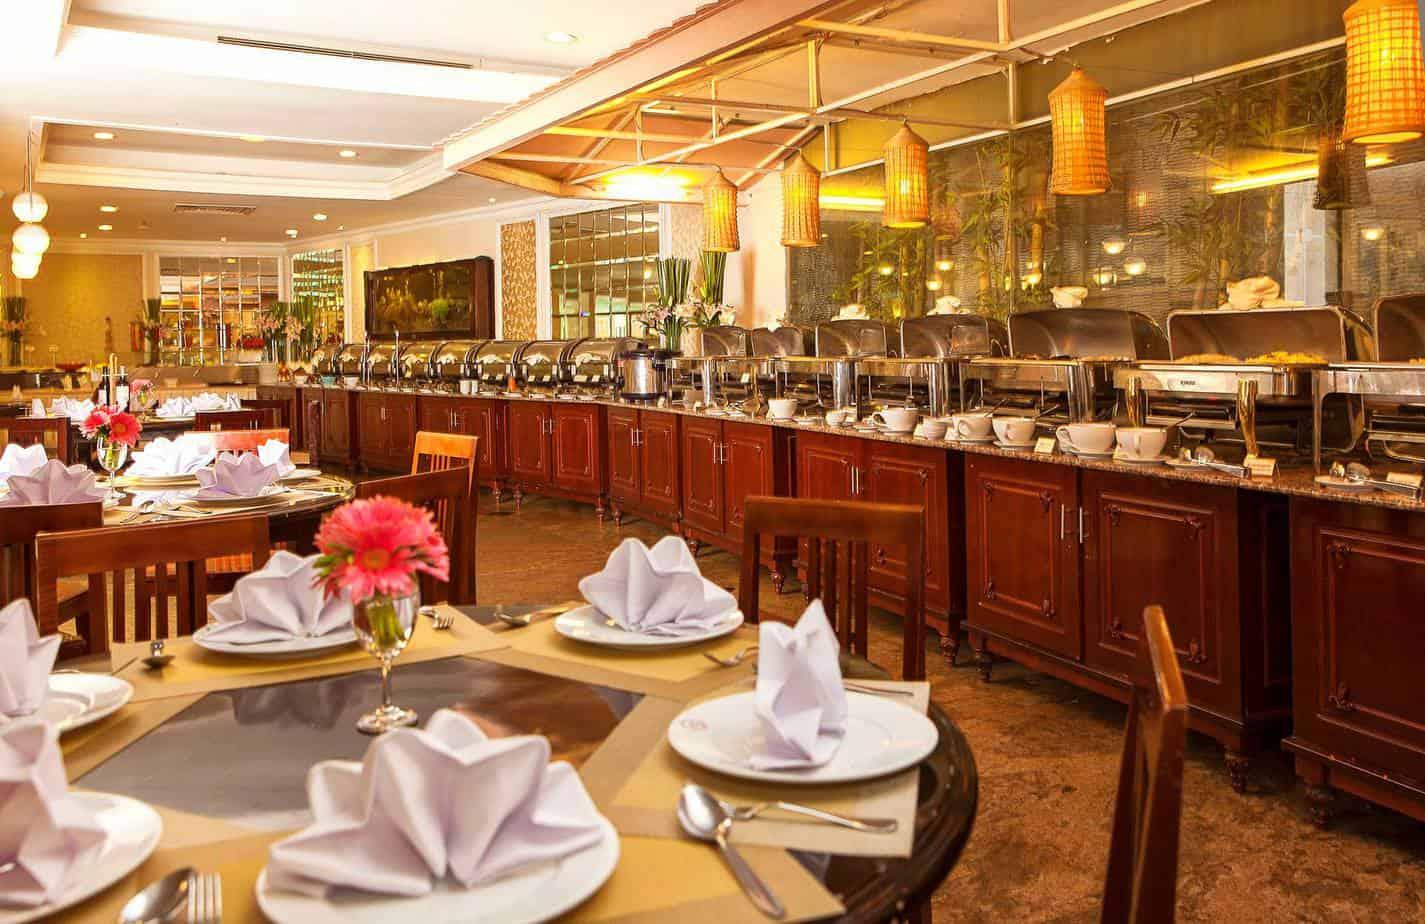 nhà hàng buffet chất lượng tại tphcm